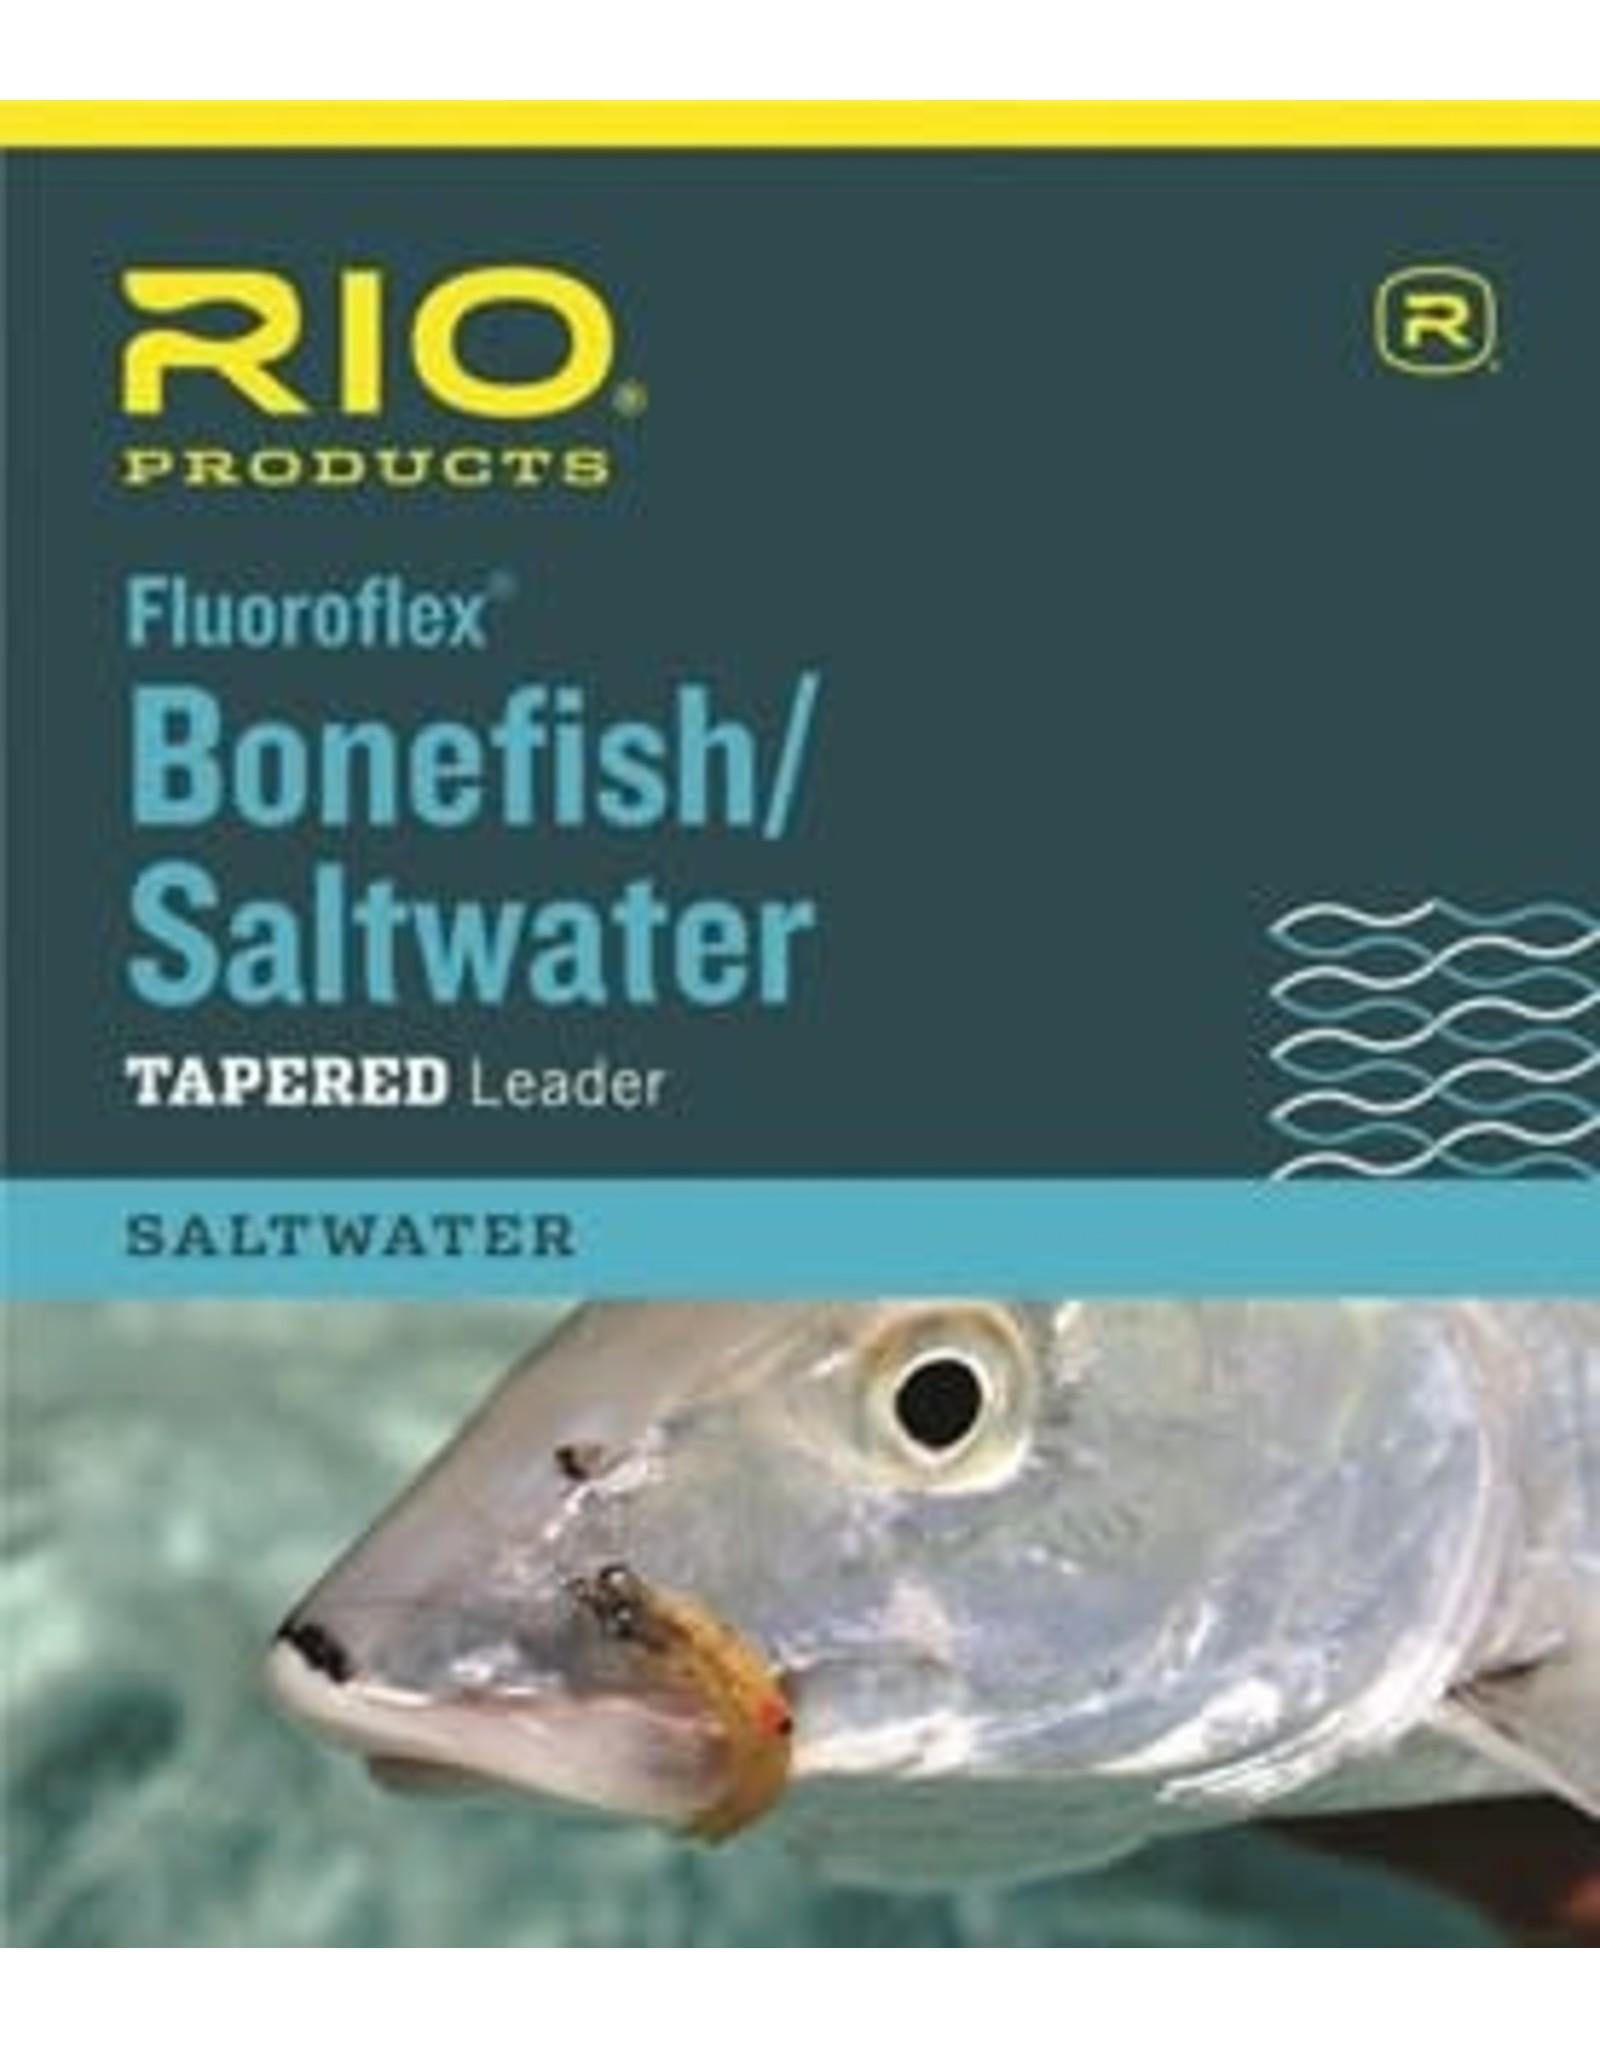 Rio Bonefish Saltwater Fluoroflex Leader